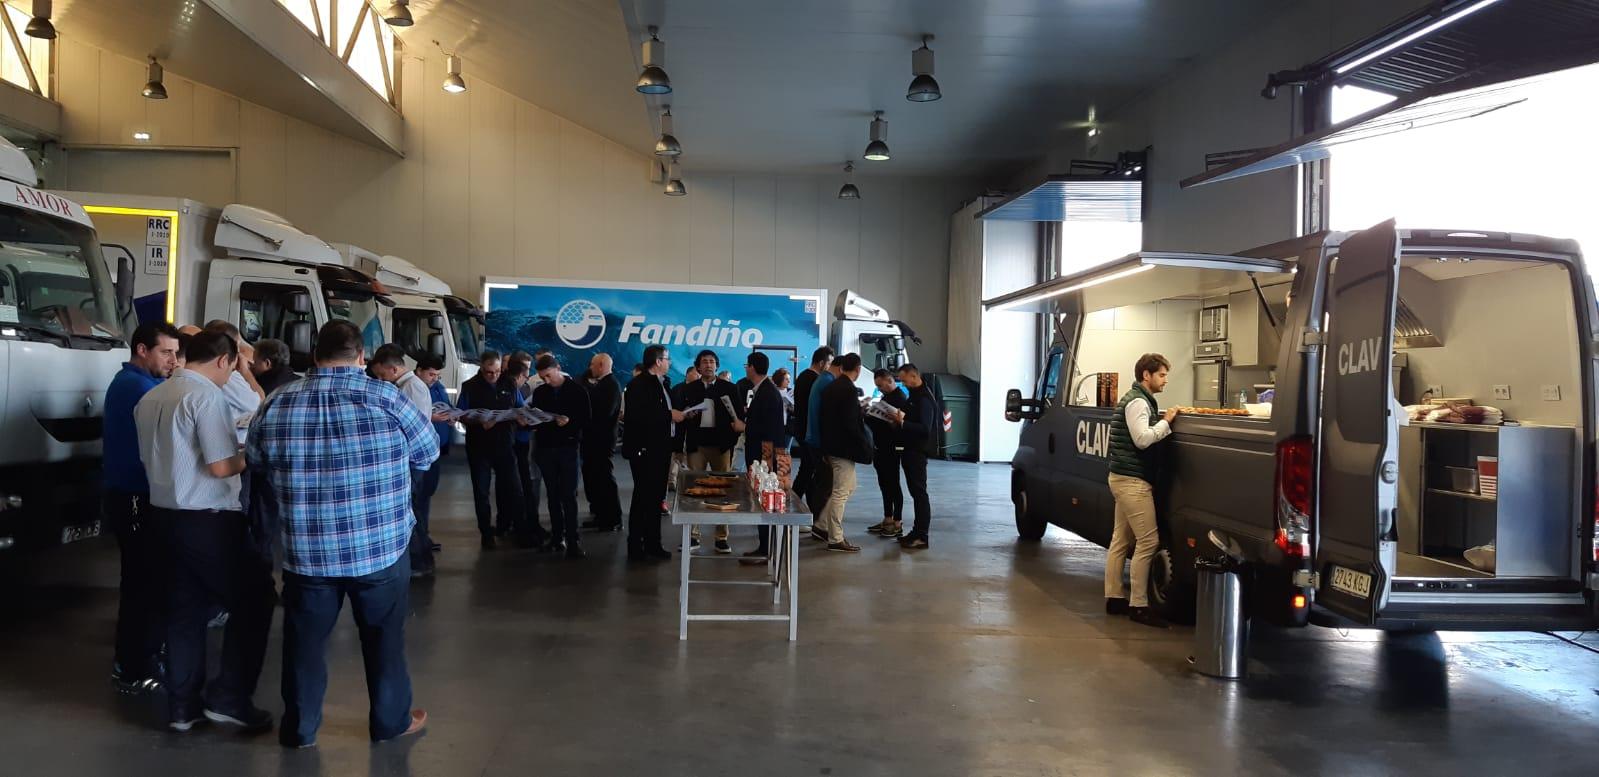 Jornada de cata de nuevos productos y confraternización entre el personal de todas las delegaciones Fandiño: Avilés, A Coruña, Santander, León, Ourense y Santiago de Compostela